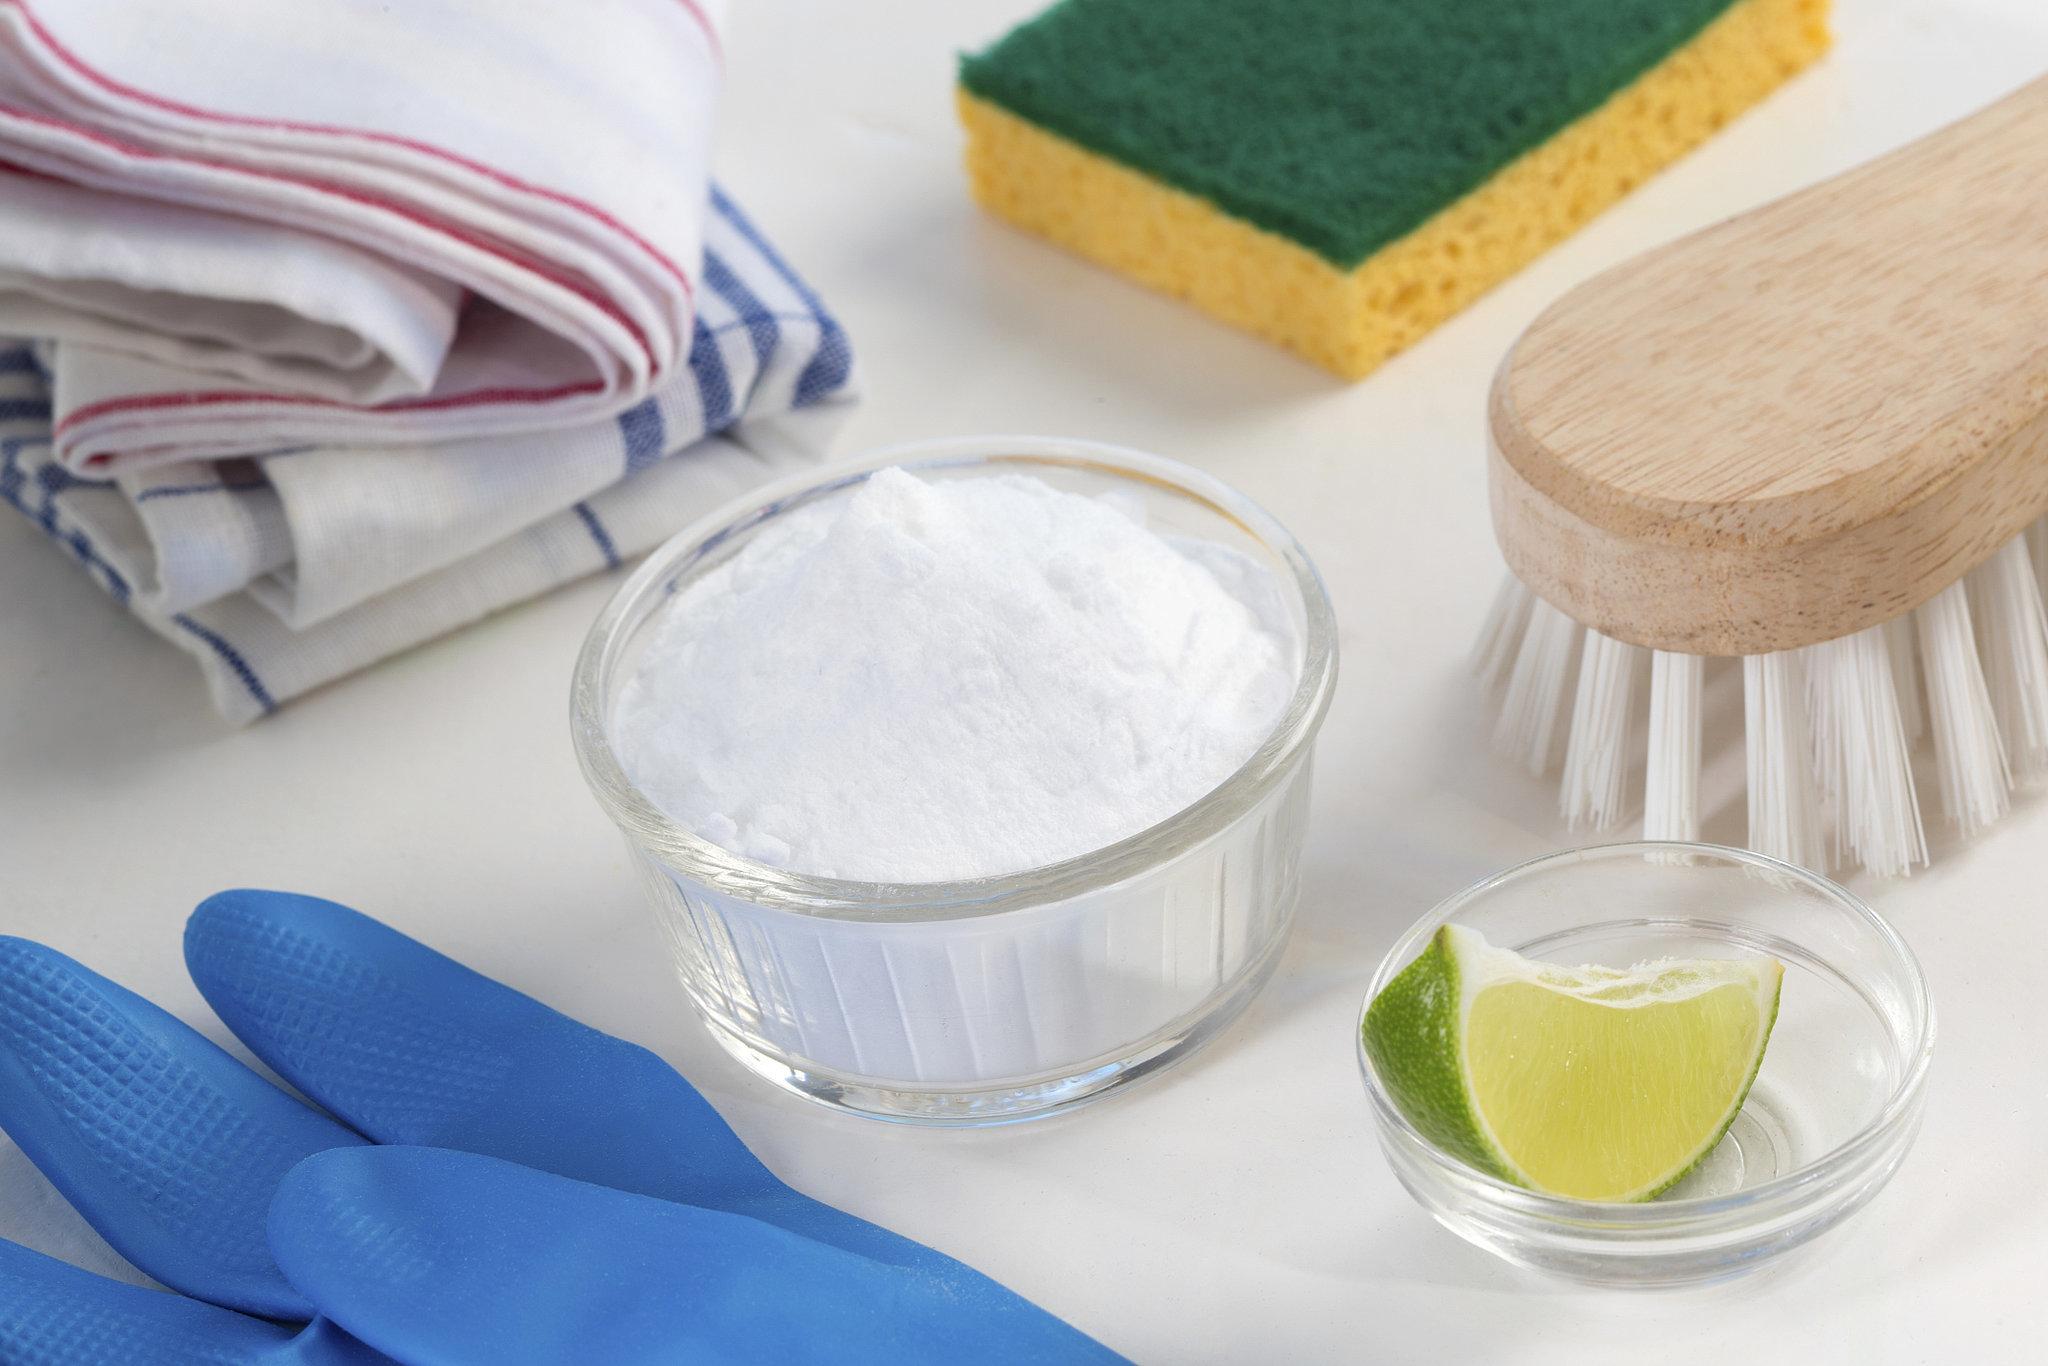 6 Maneiras de utilizar o Bicarbonato de Sódio no dia a dia 1